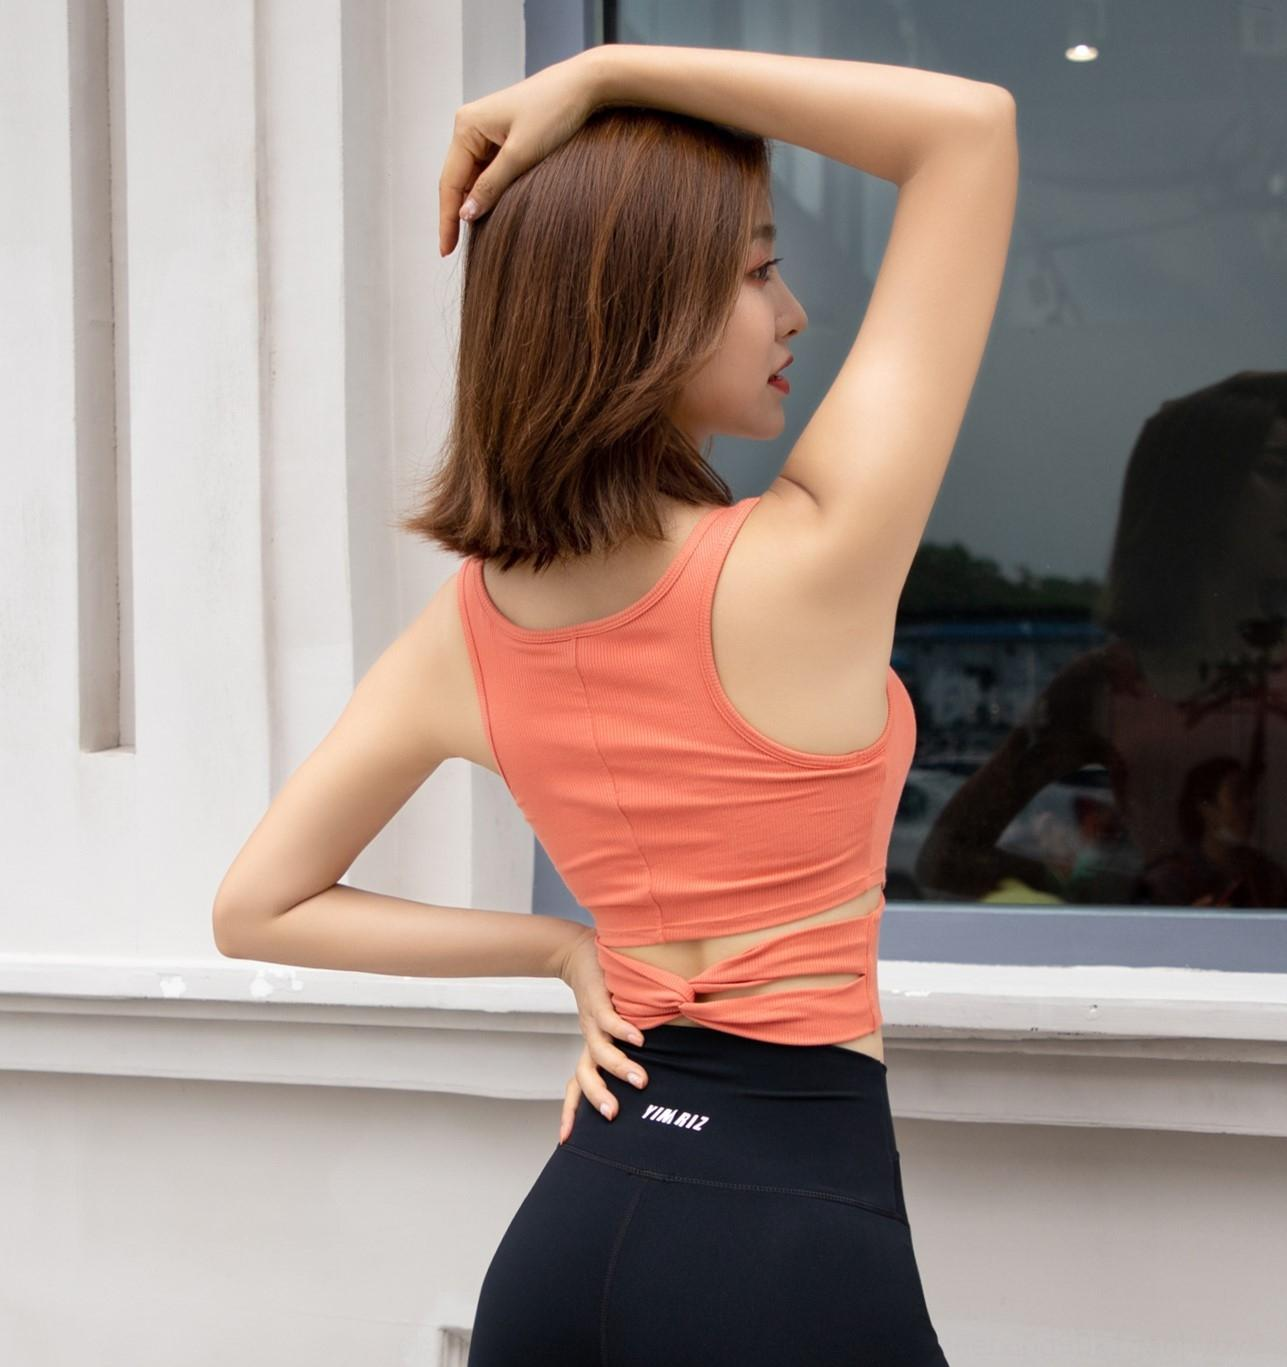 2020 Yaz yeni spor iç çamaşırı kadın yoga İç Sütyen toplama arka güzelleştirme yelek spor sutyen xVGLv çalışan Darbeye